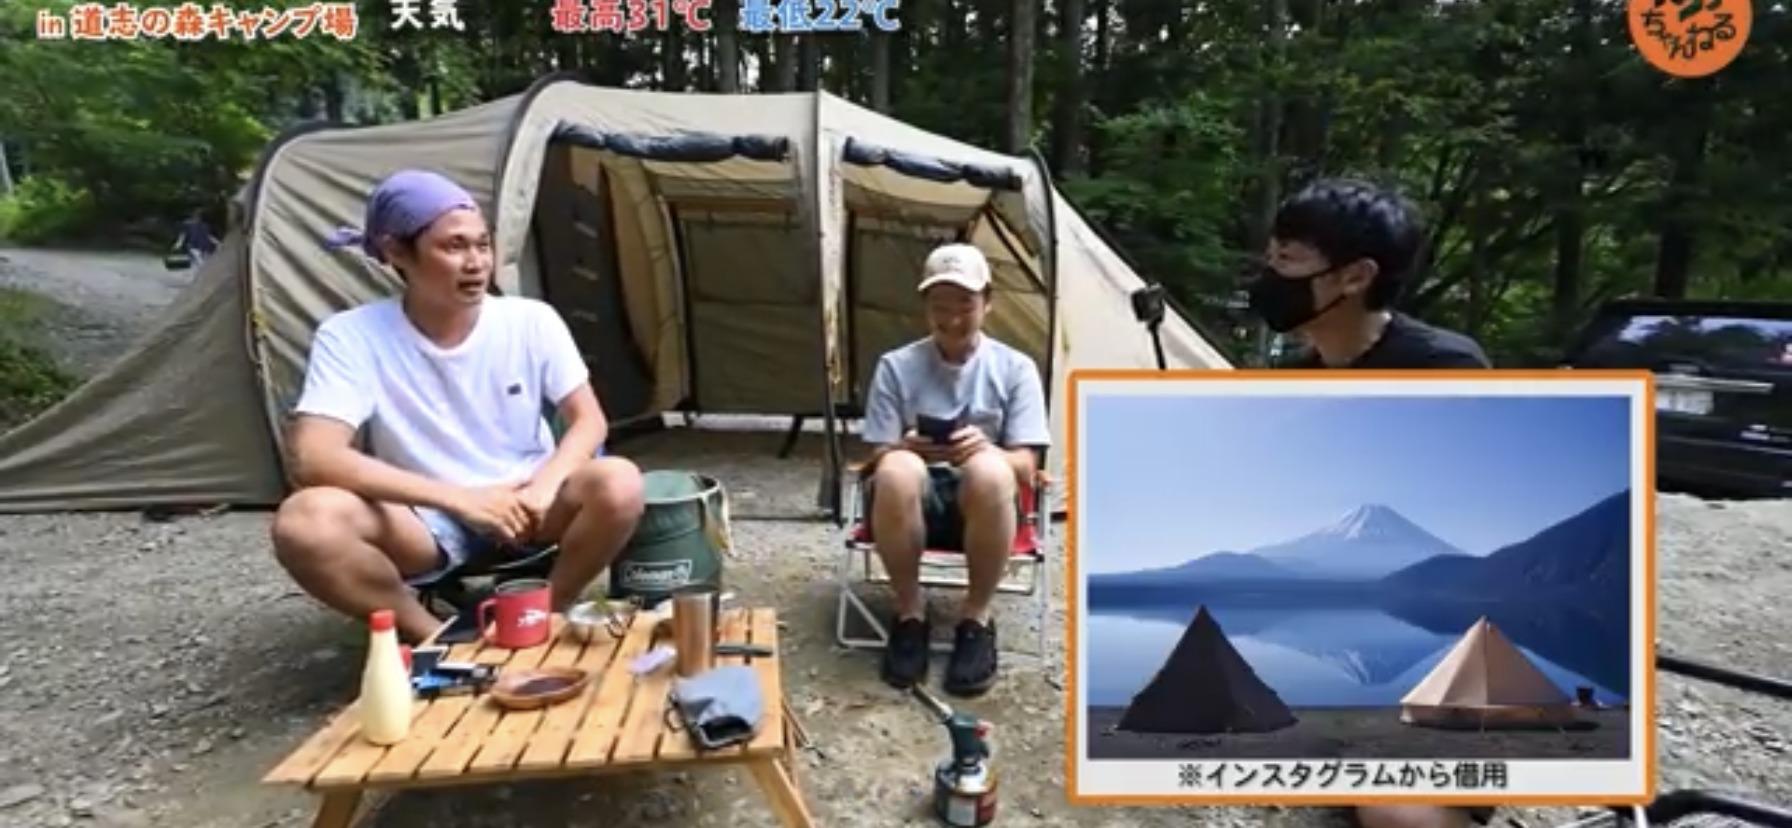 浩庵キャンプ場 神津島キャンプ場